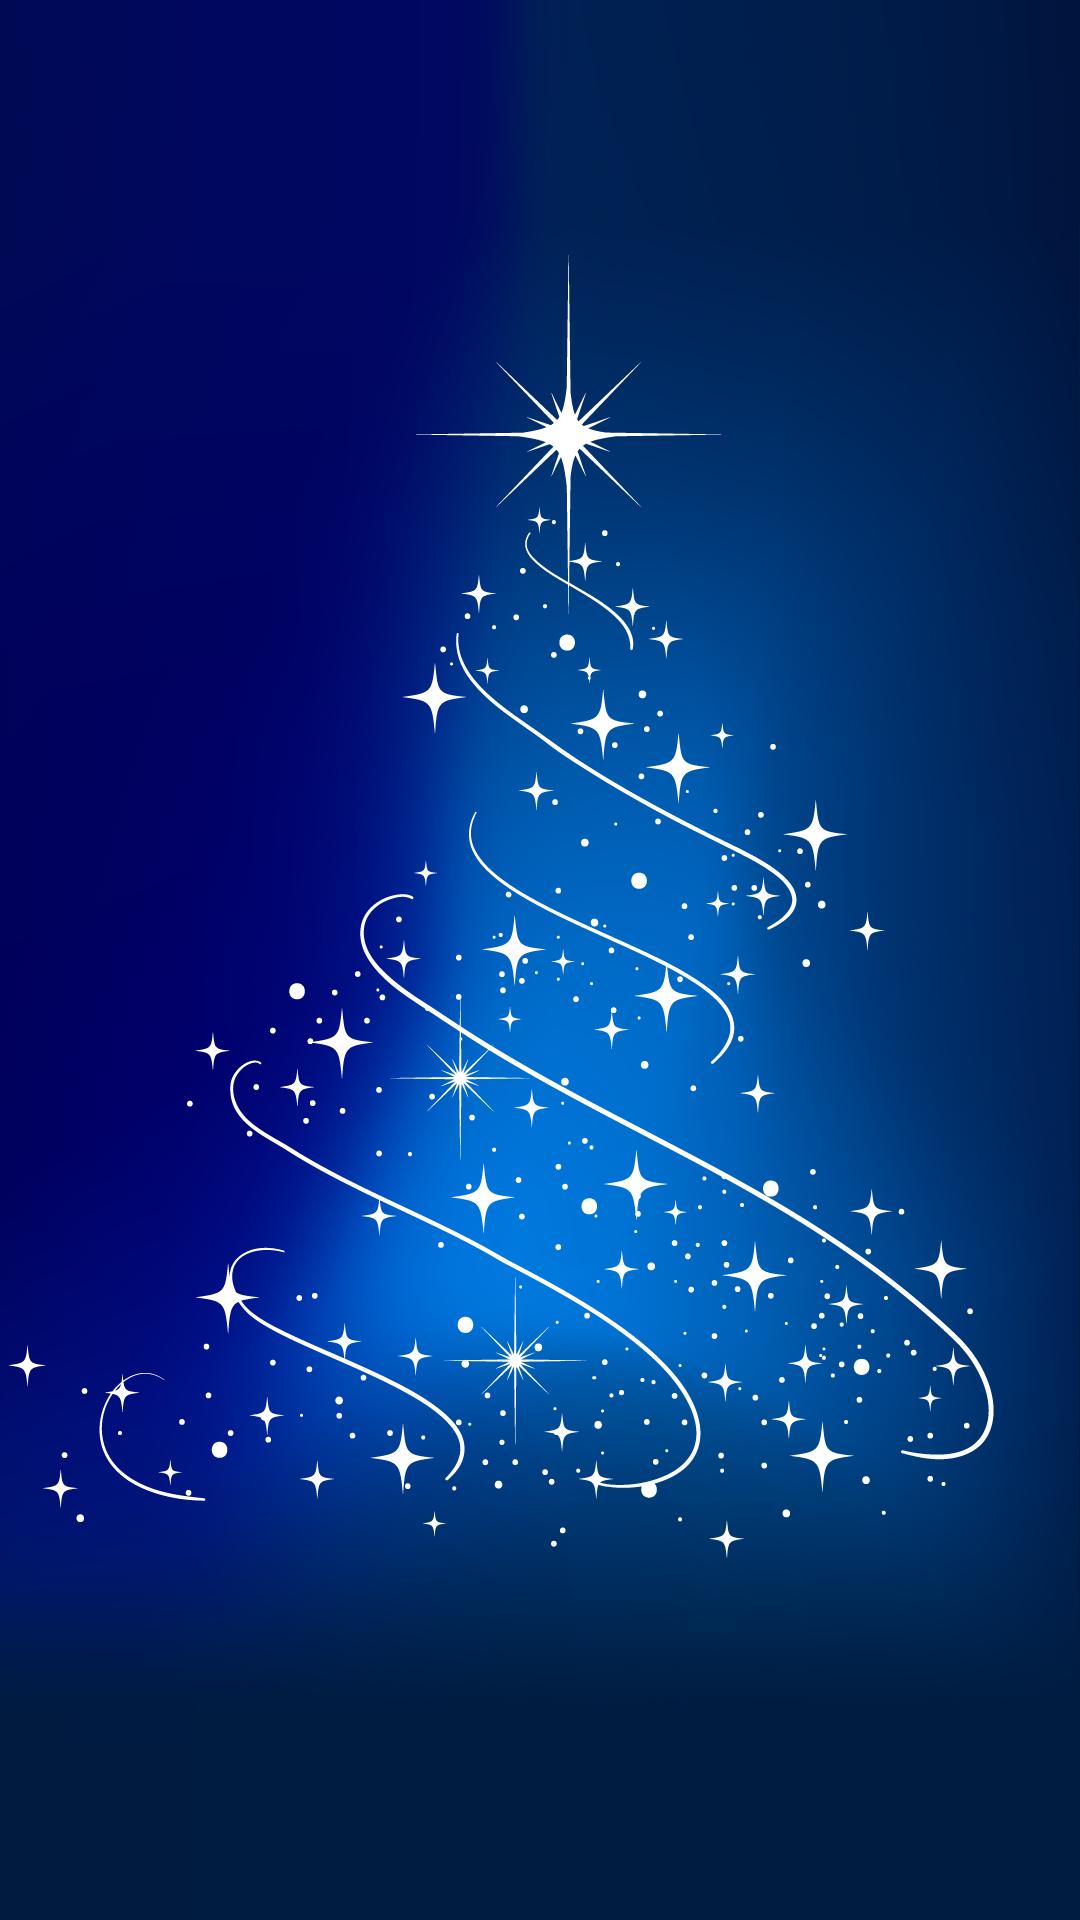 スマートフォン用壁紙 スマホ壁紙 クリスマス ラブ